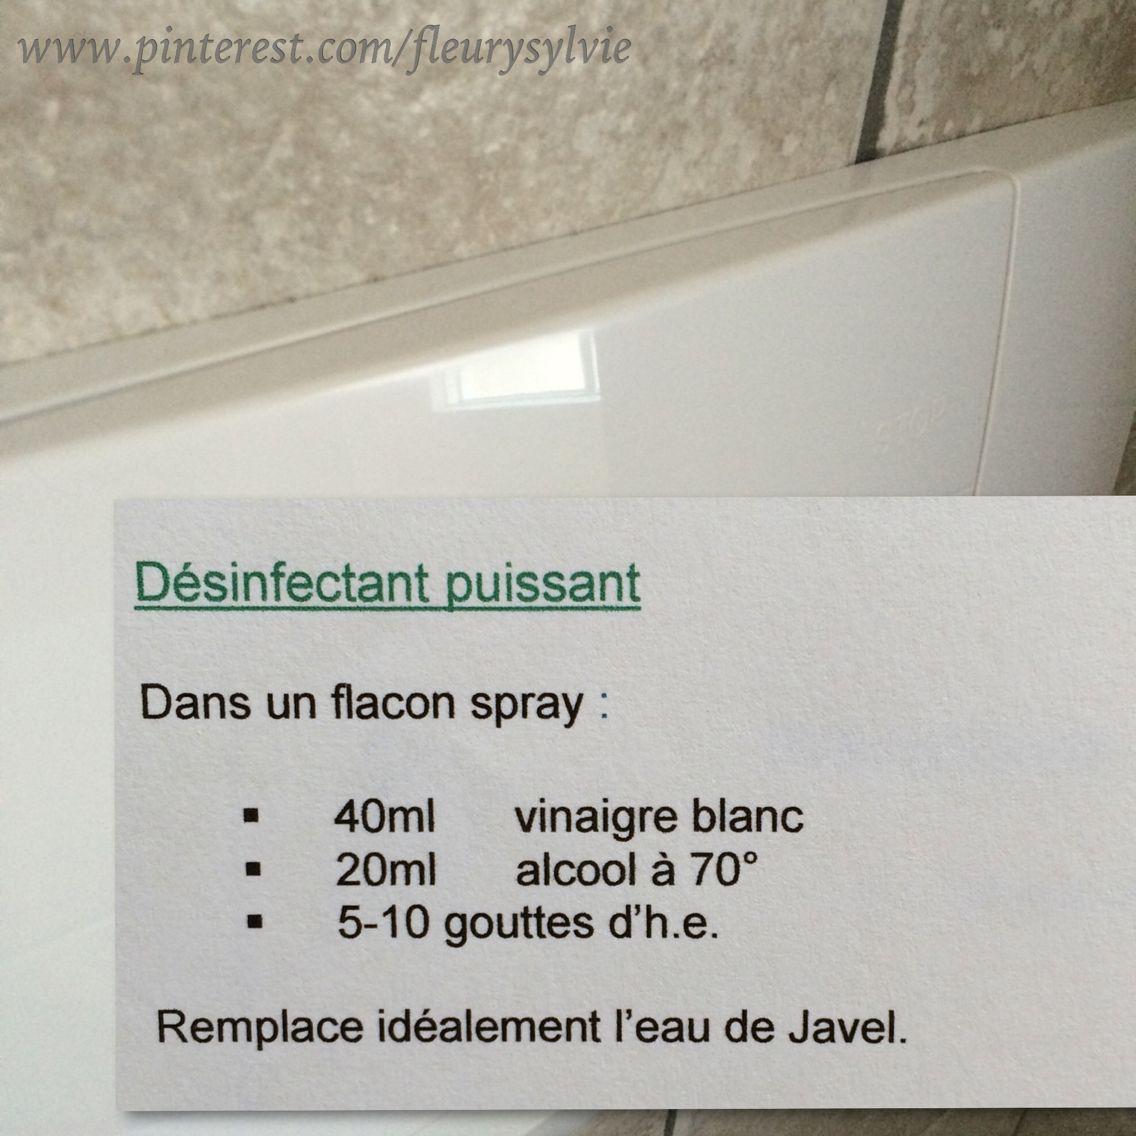 d sinfectant maison dans un flacon spray pour la cuvette des wc etc j 39 ai test a marche. Black Bedroom Furniture Sets. Home Design Ideas